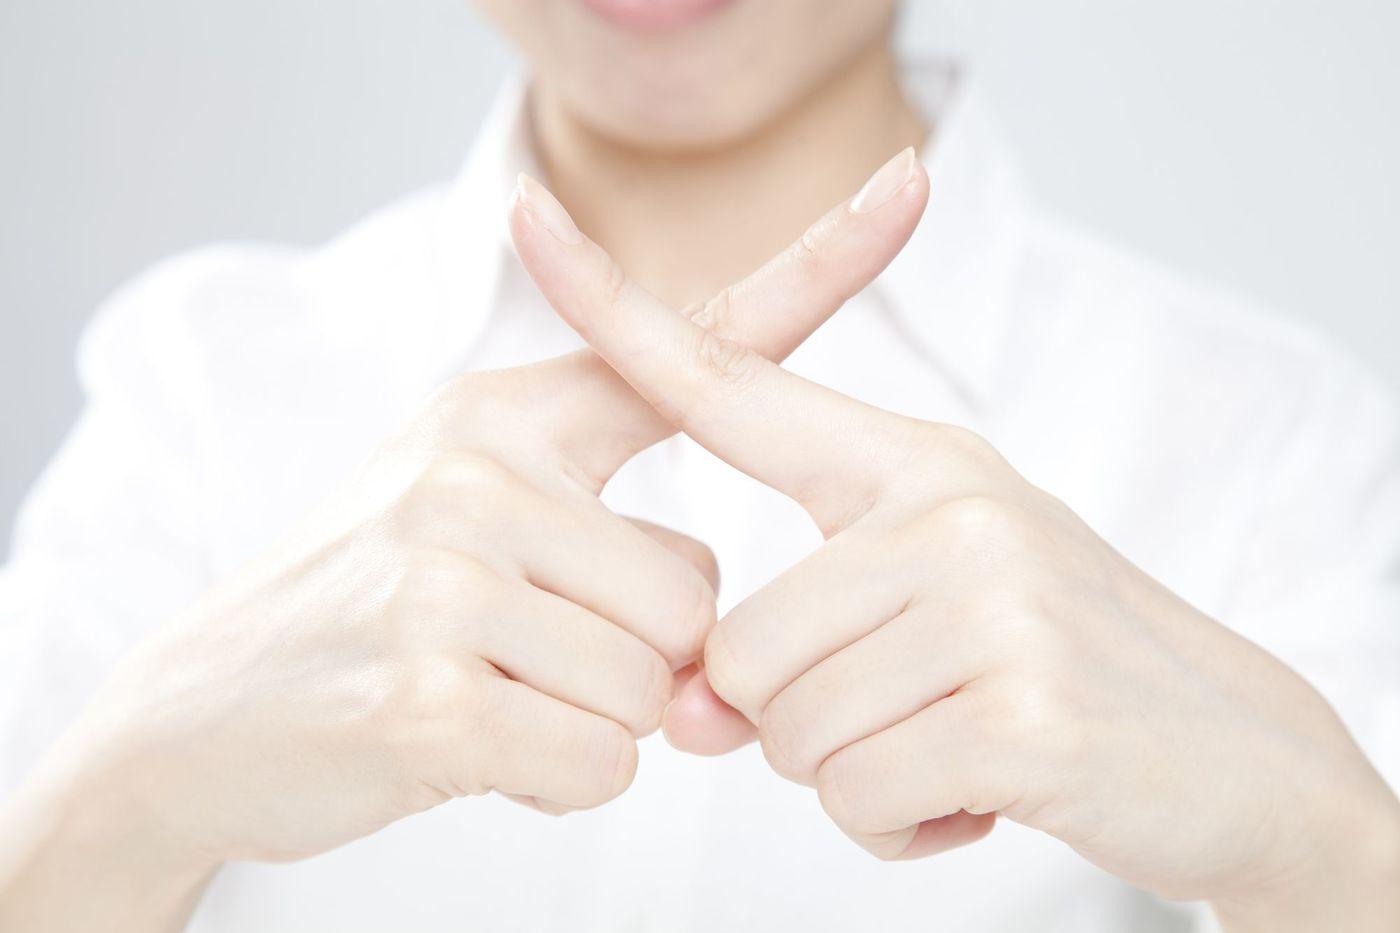 「~がございます」の正しい使い方を解説!敬語の意味もご紹介の画像